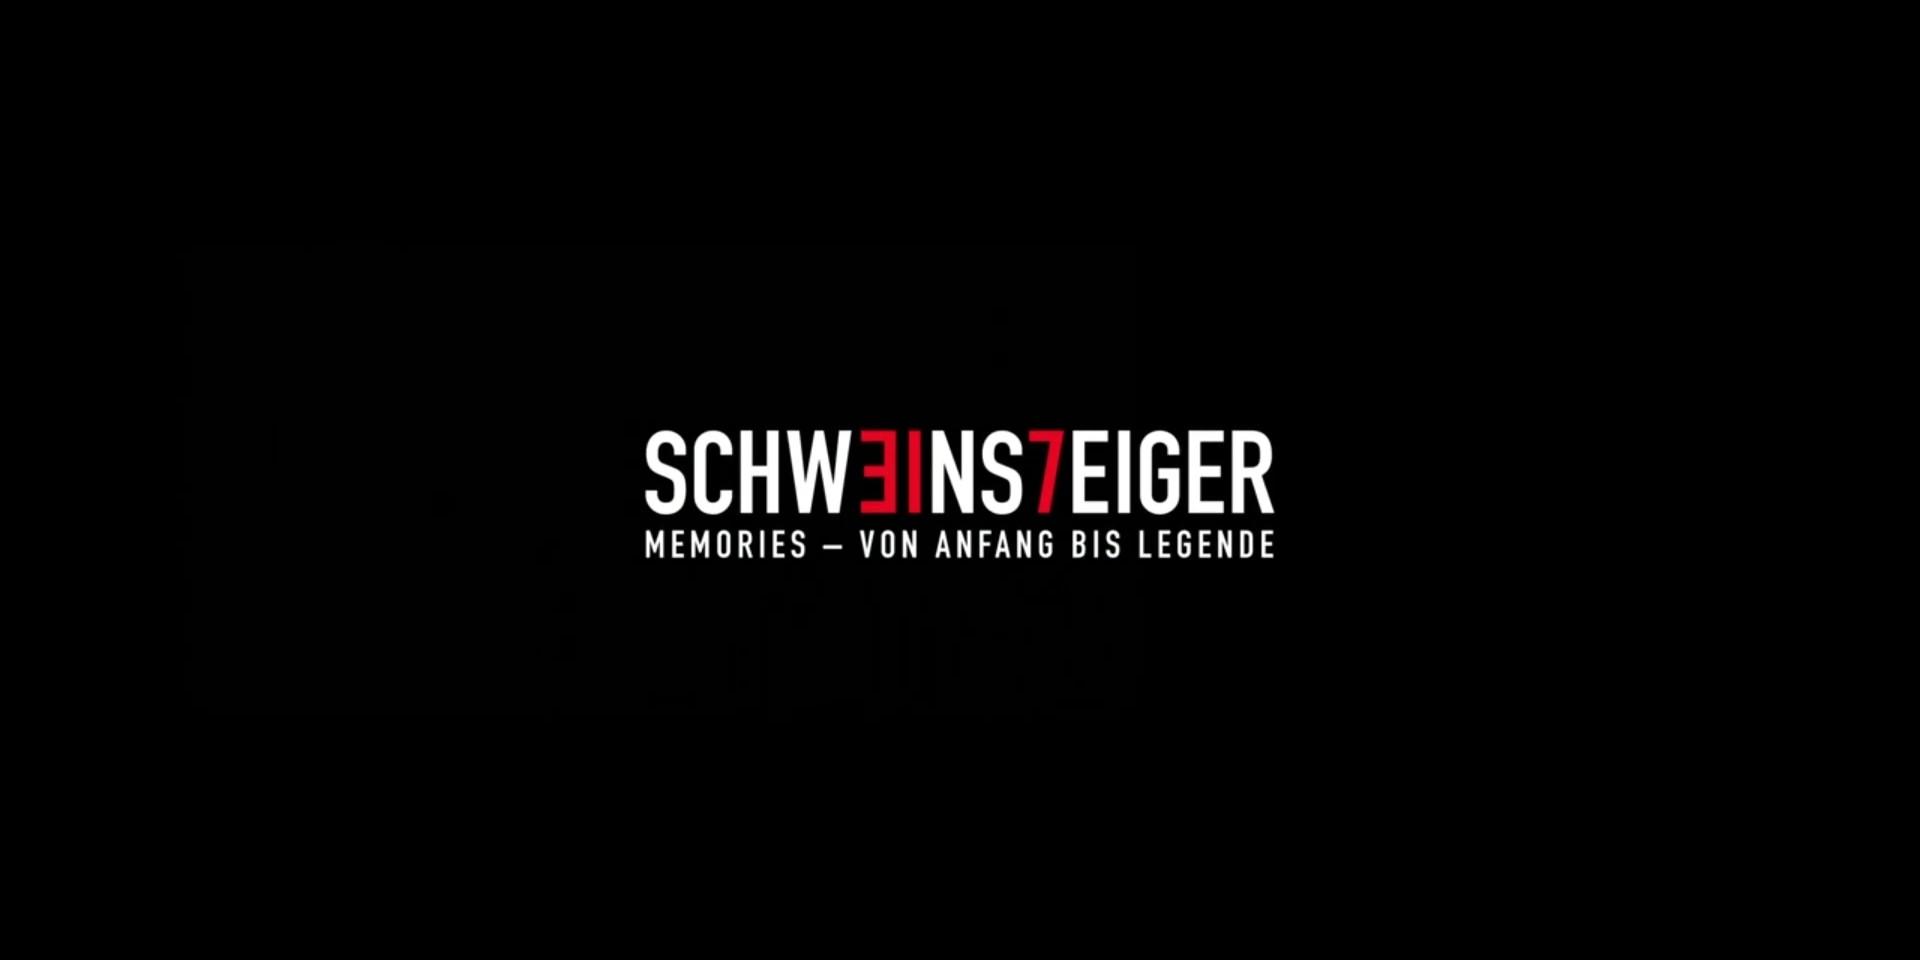 Компания Тиля Швайгера сняла сахарную документалку про Швайнштайгера: ни одной острой темы и вообще нет Лама